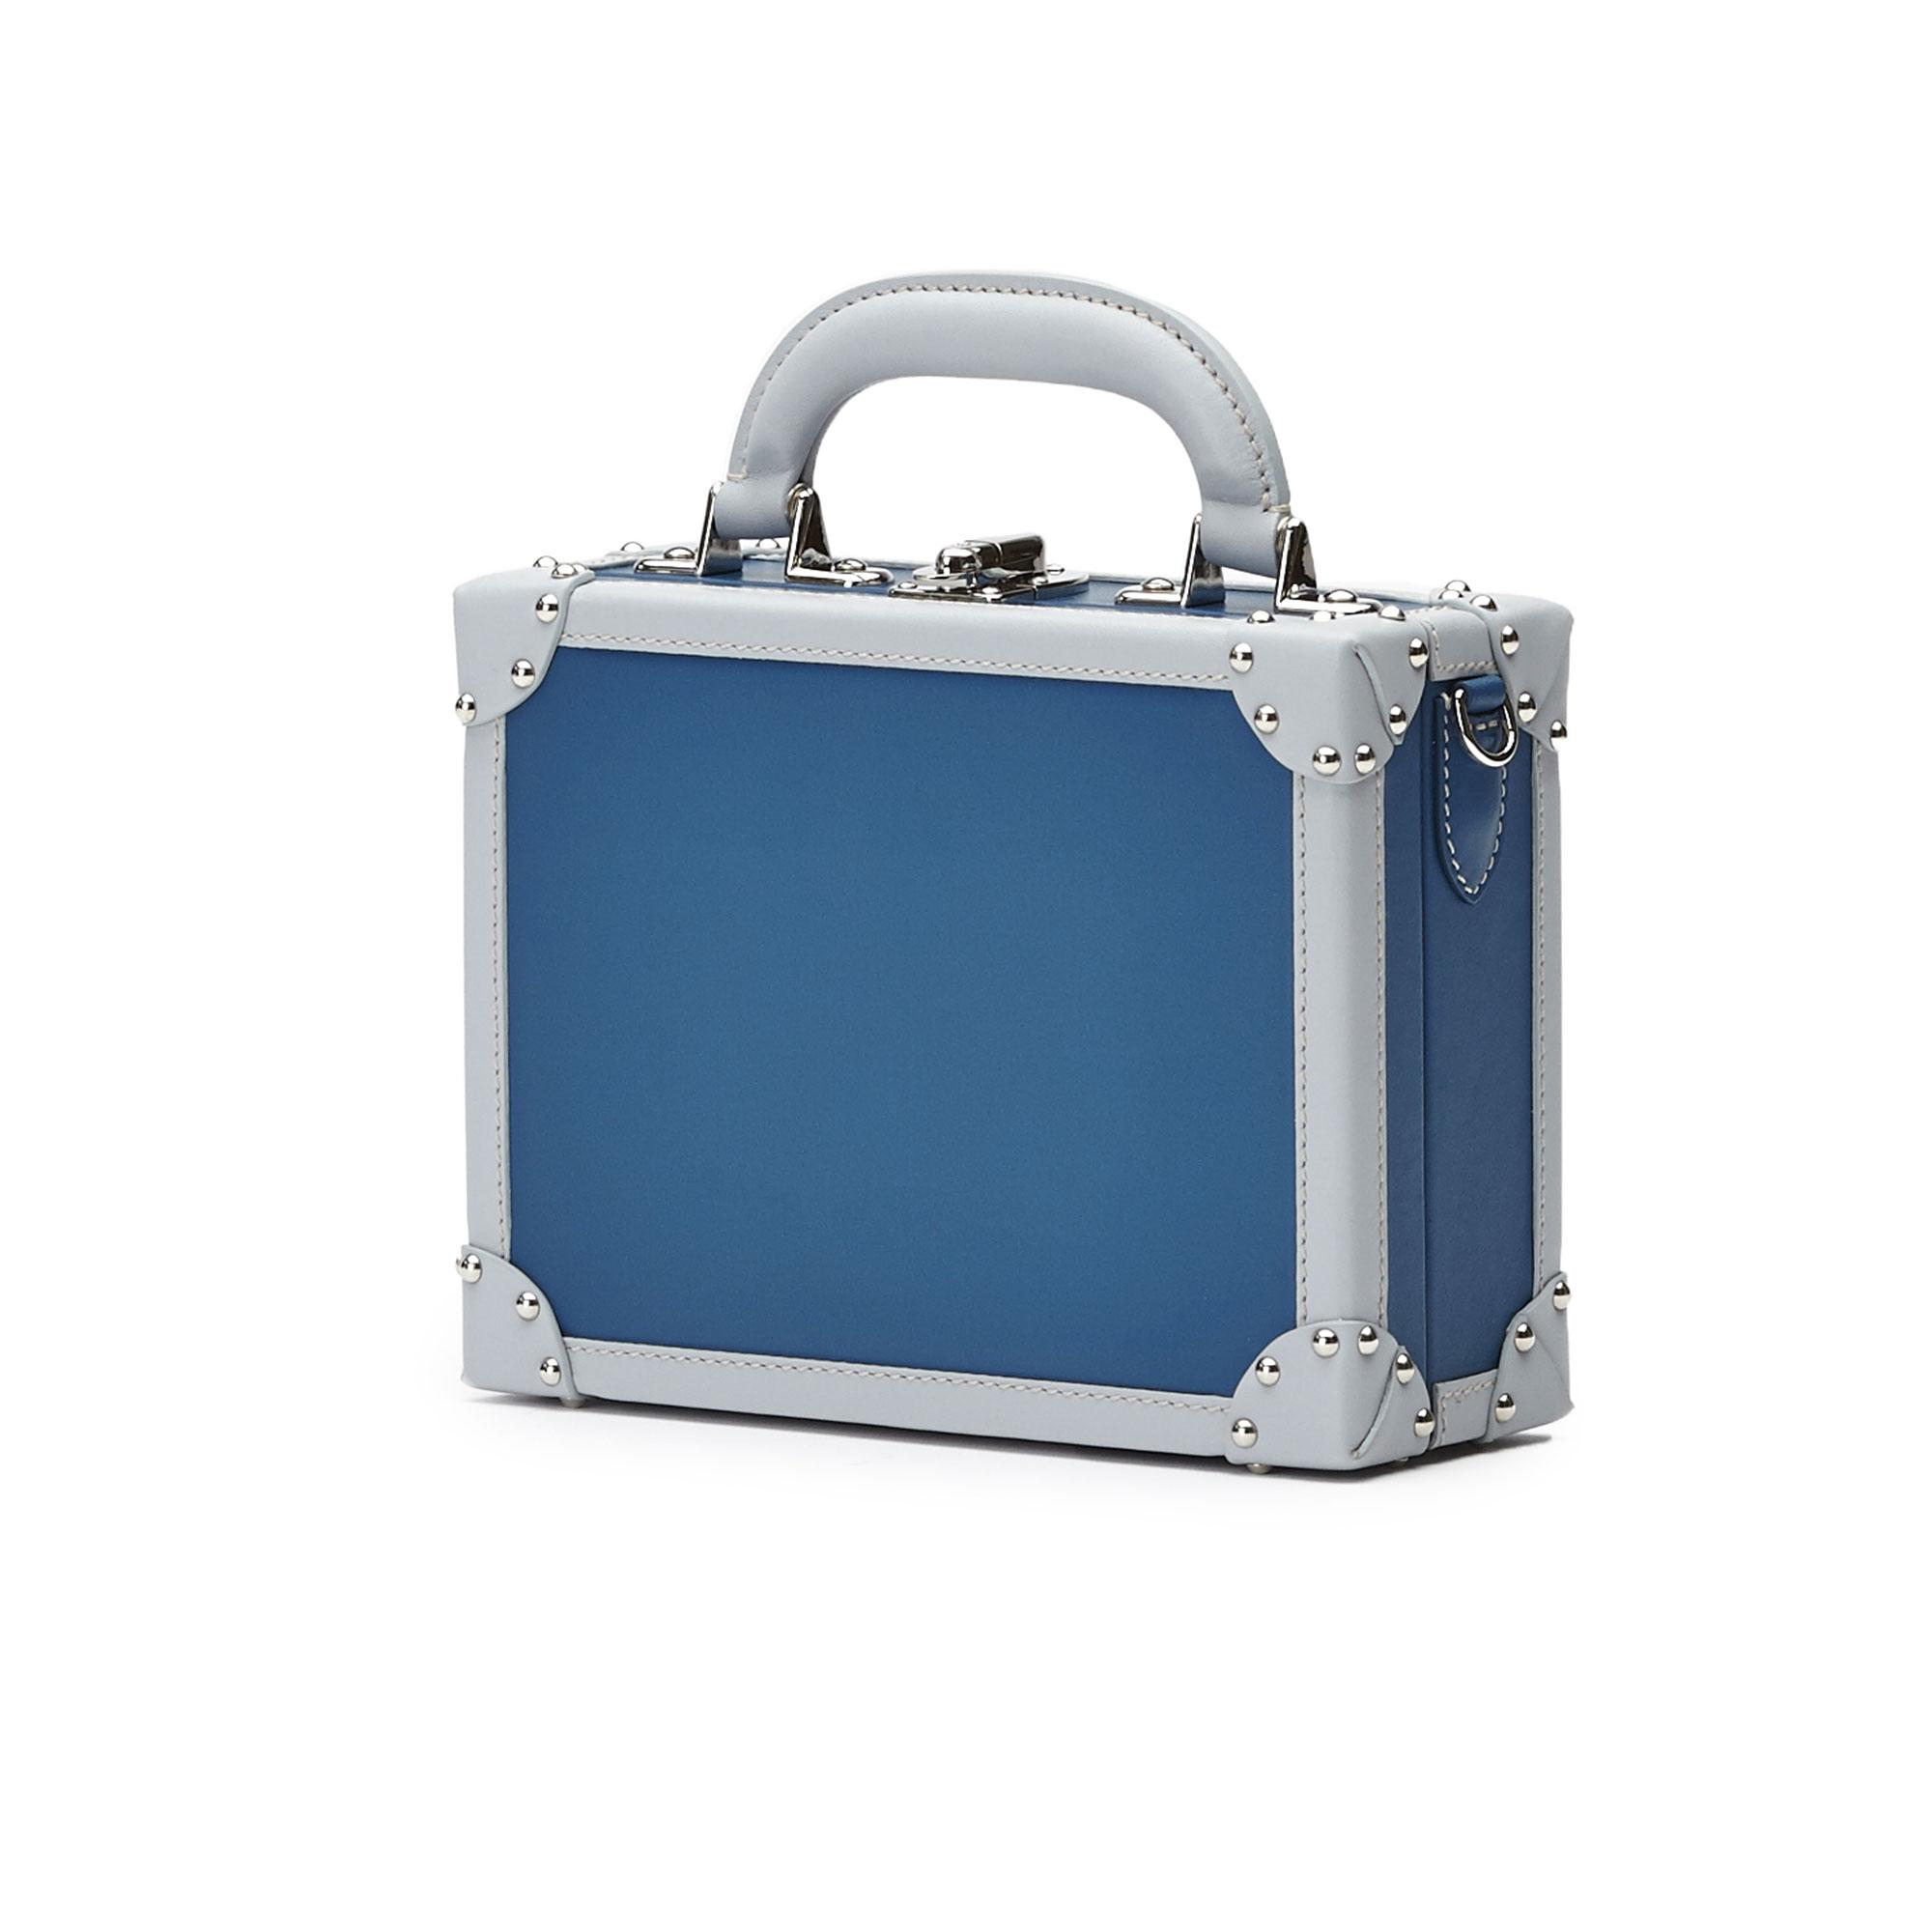 The blue french calf Mini Squared Bertoncina bag by Bertoni 1949 02